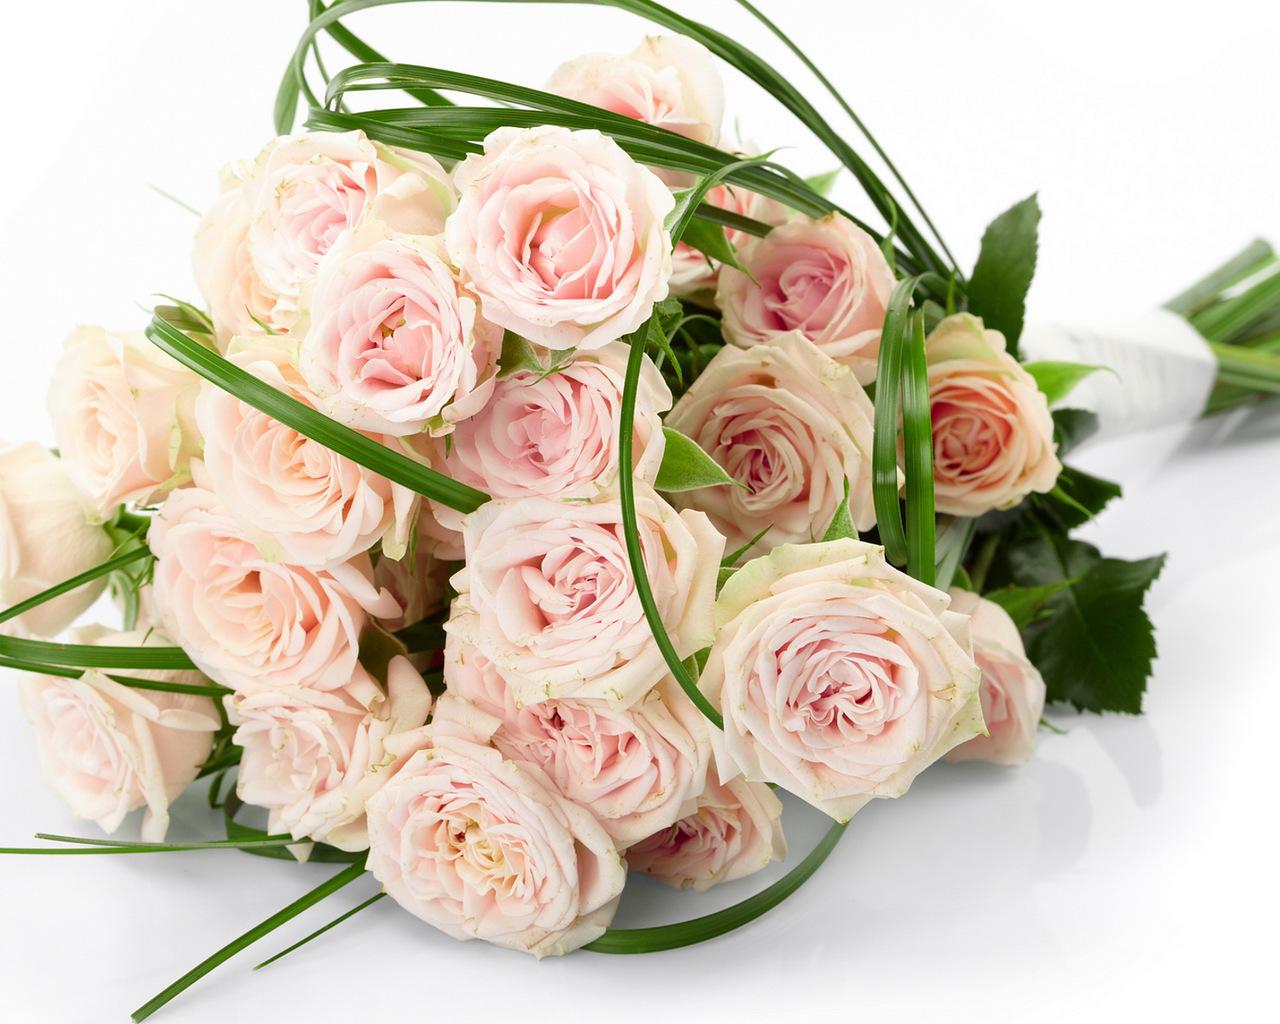 22998 скачать обои Праздники, Растения, Цветы, Розы, Букеты - заставки и картинки бесплатно